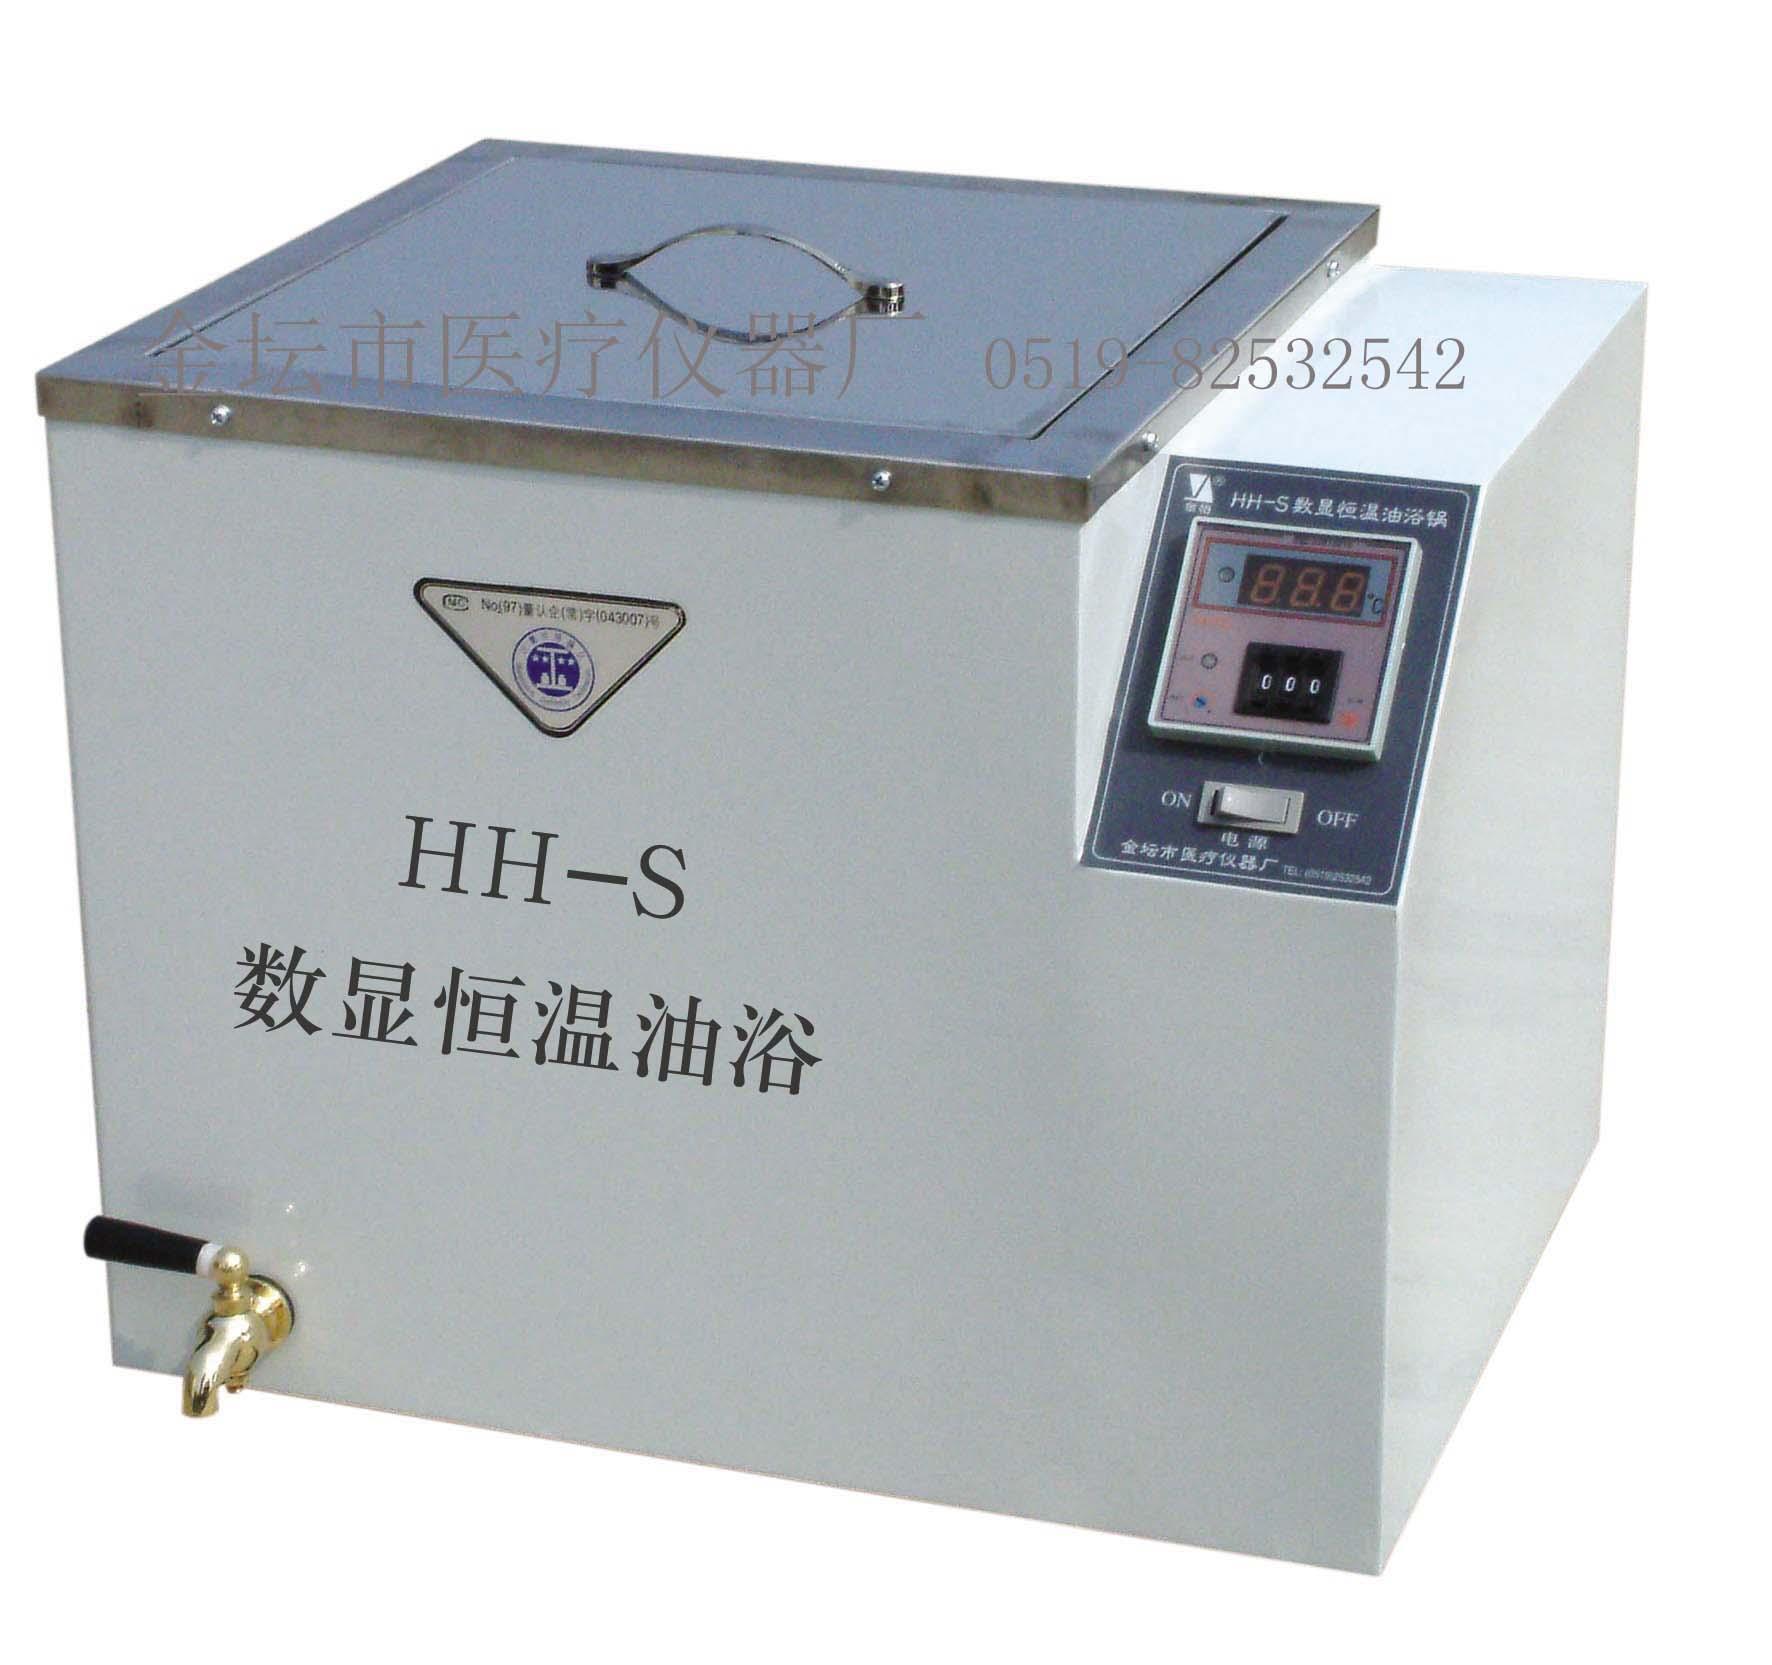 江苏金坛HH-SC超级恒温油浴